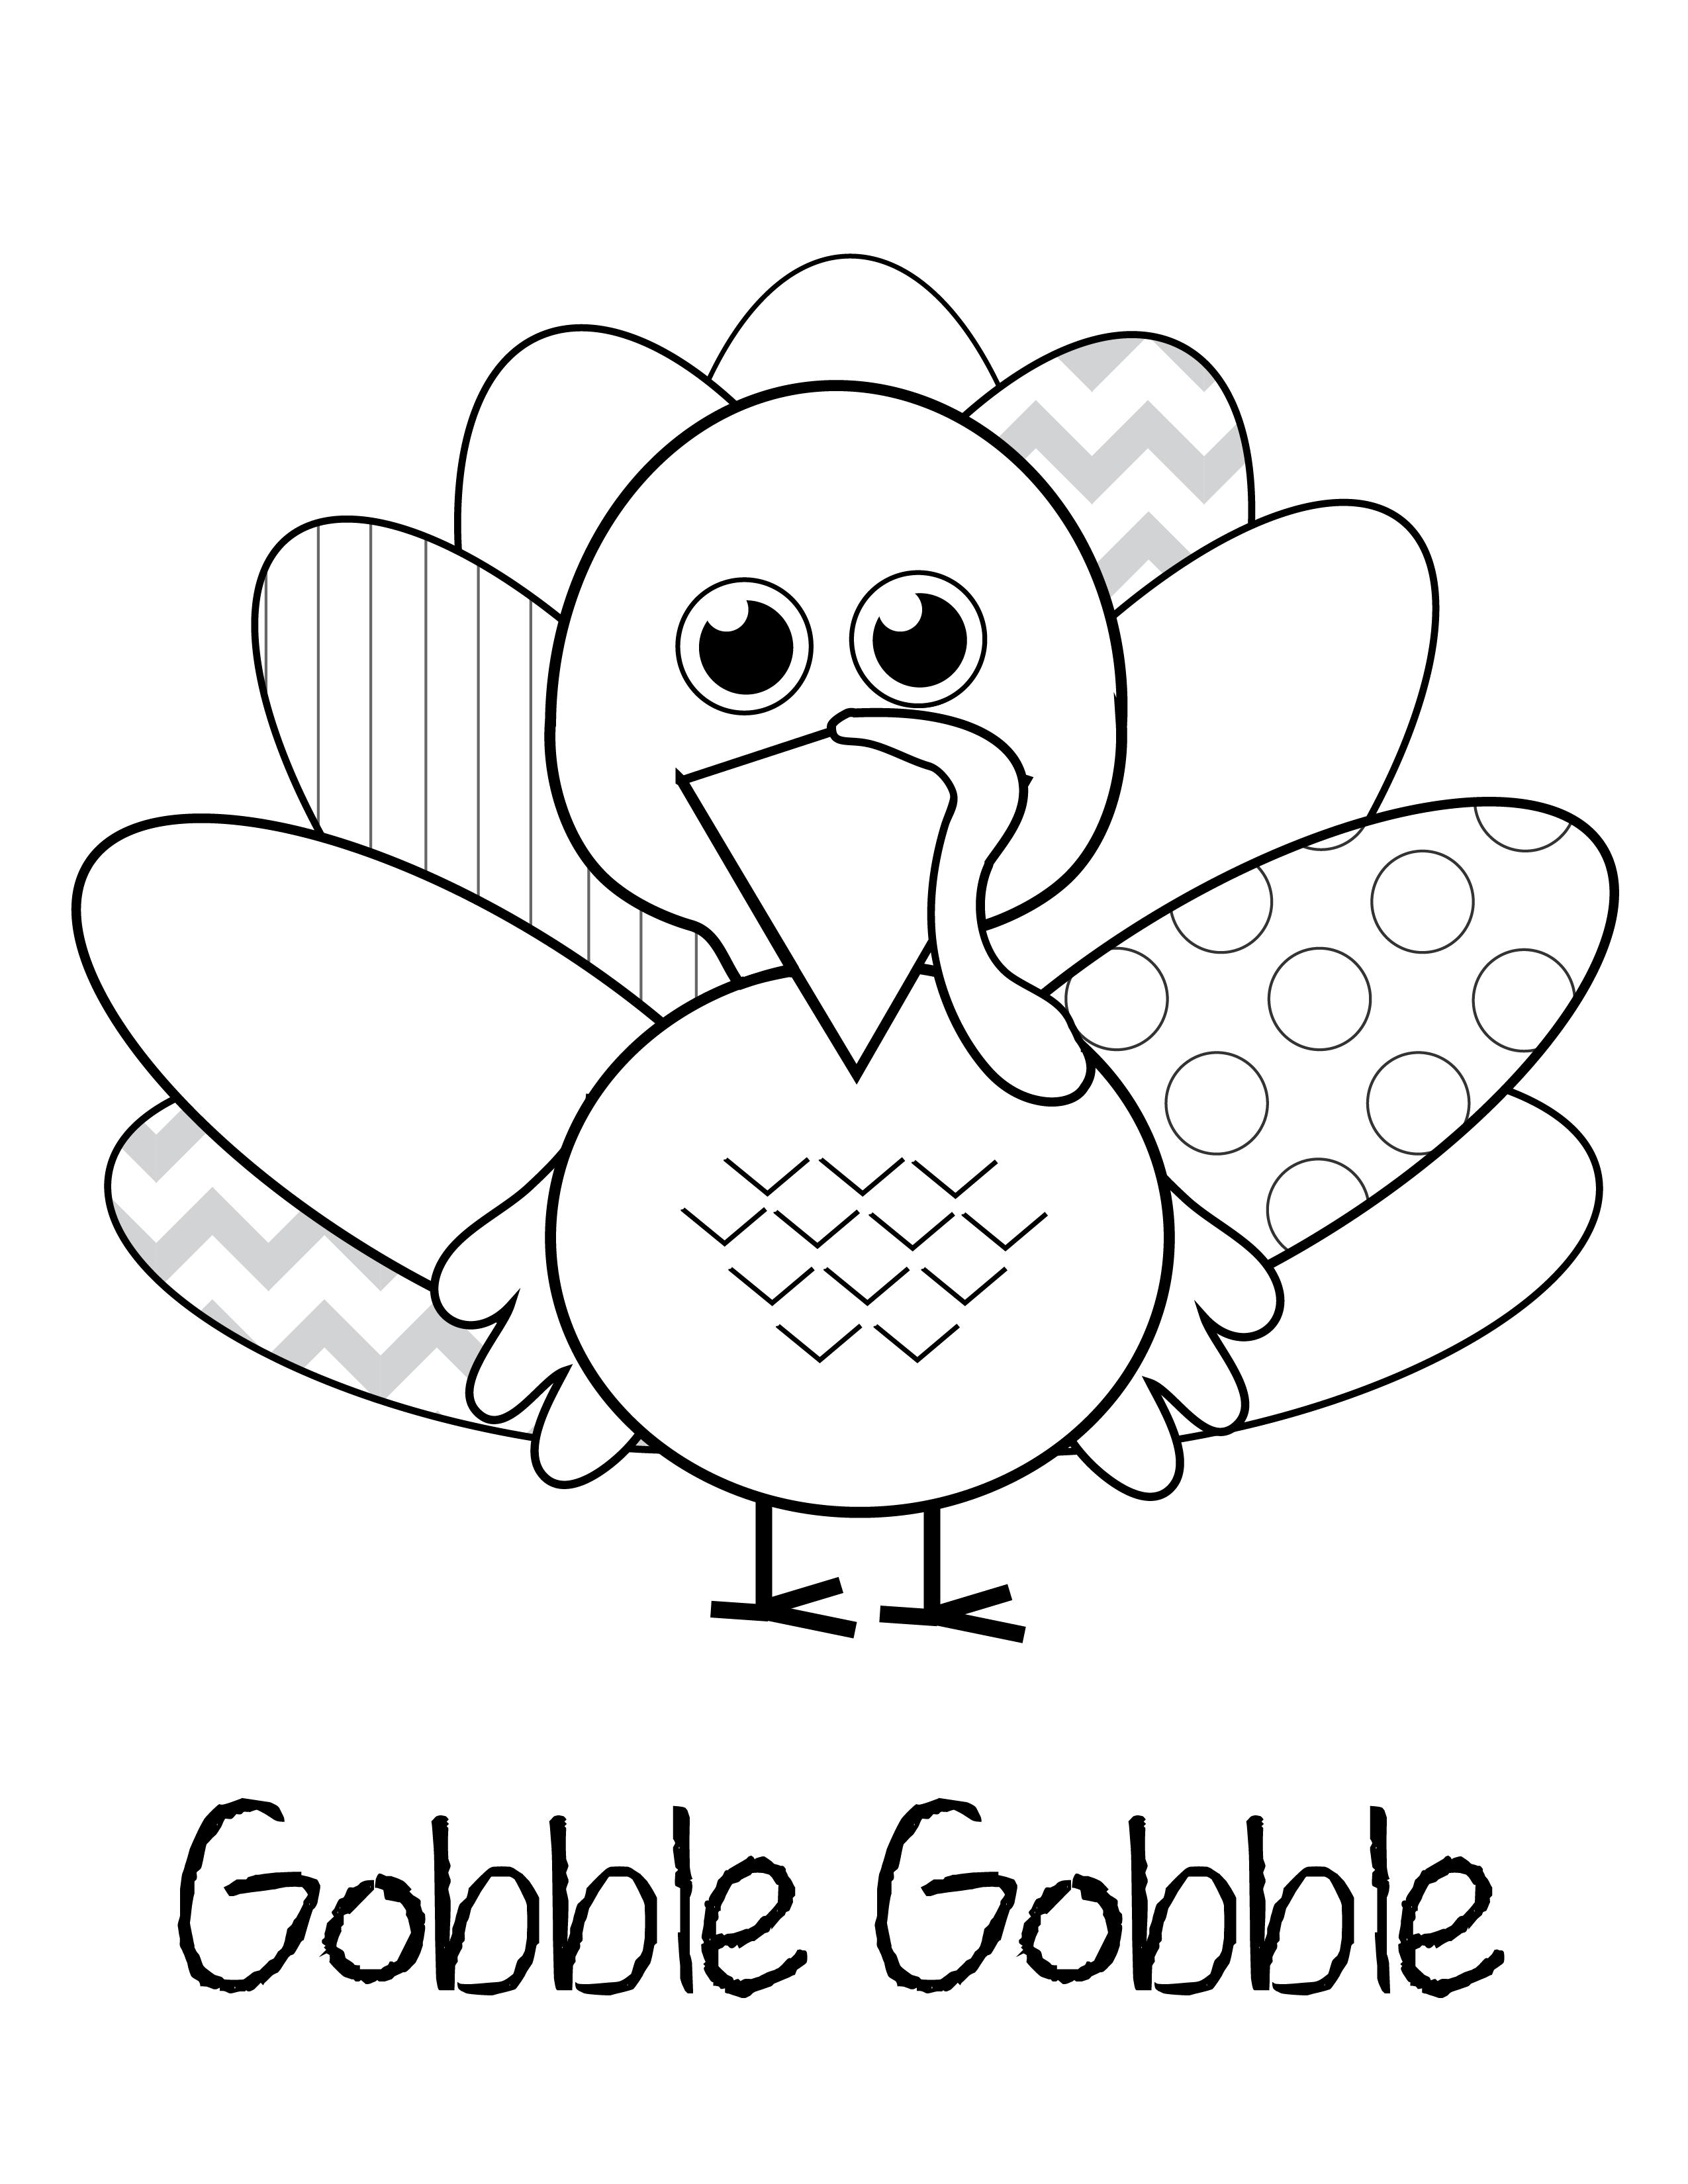 turkey coloring sheet free thanksgiving printables thanksgiving coloring pages coloring sheet turkey